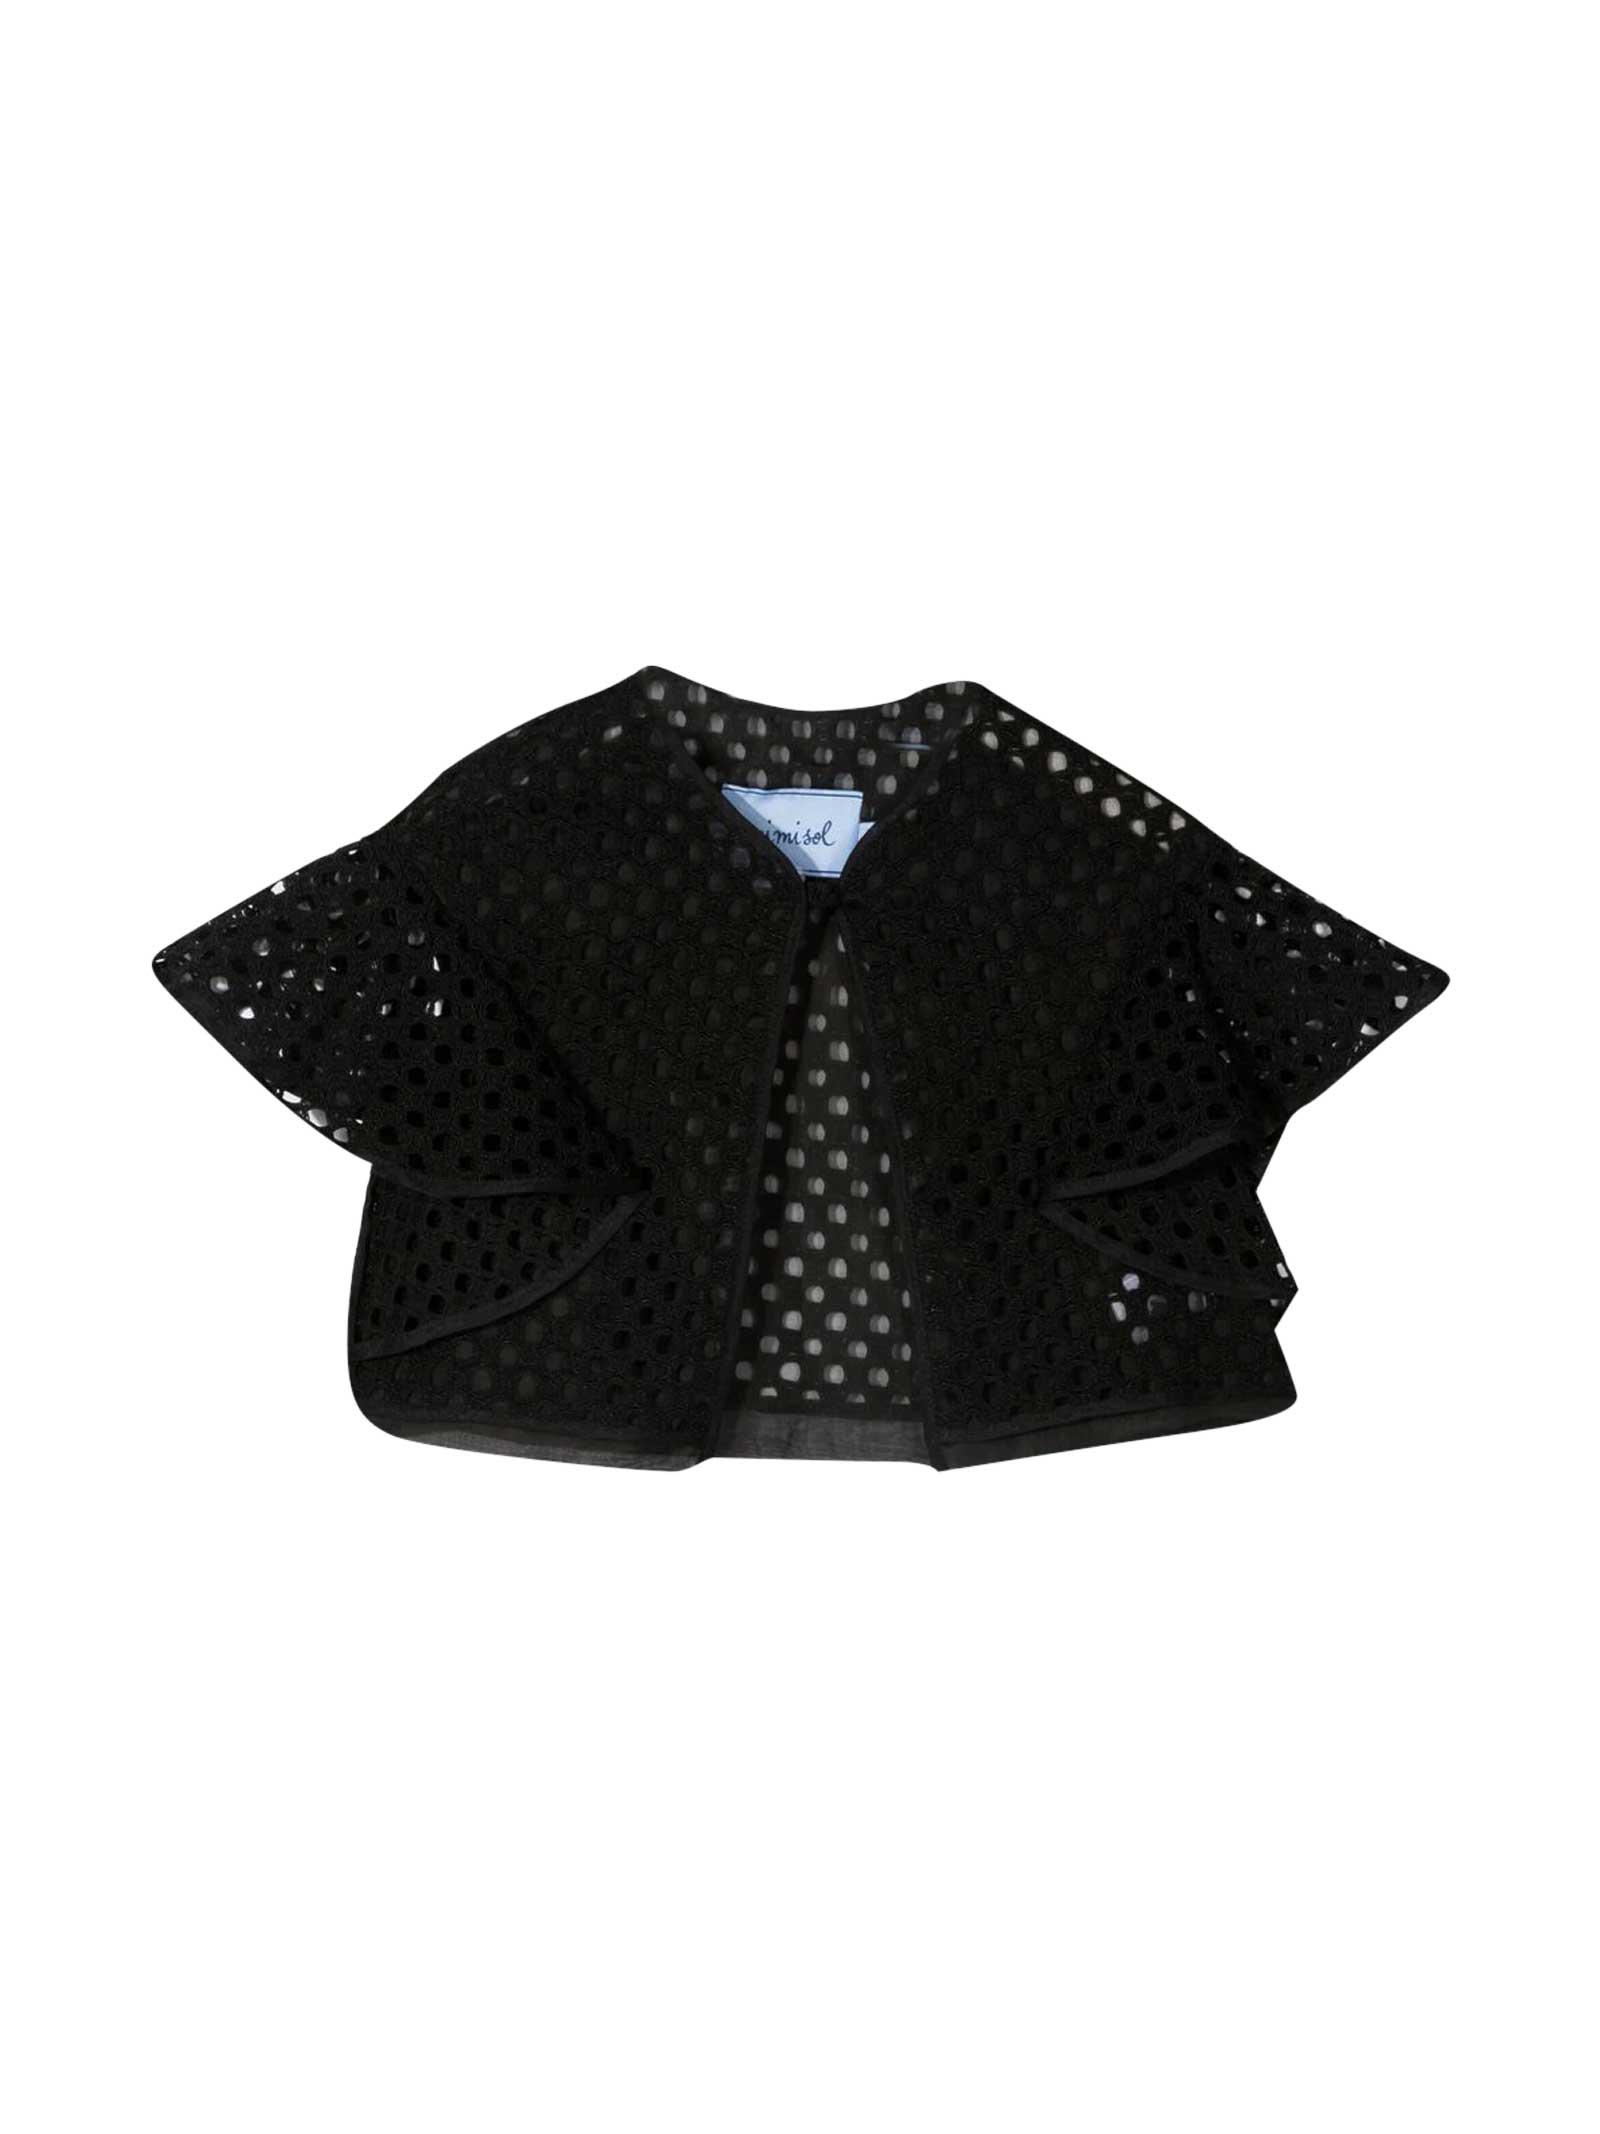 Black Jacket Mi Mi Sol Kids